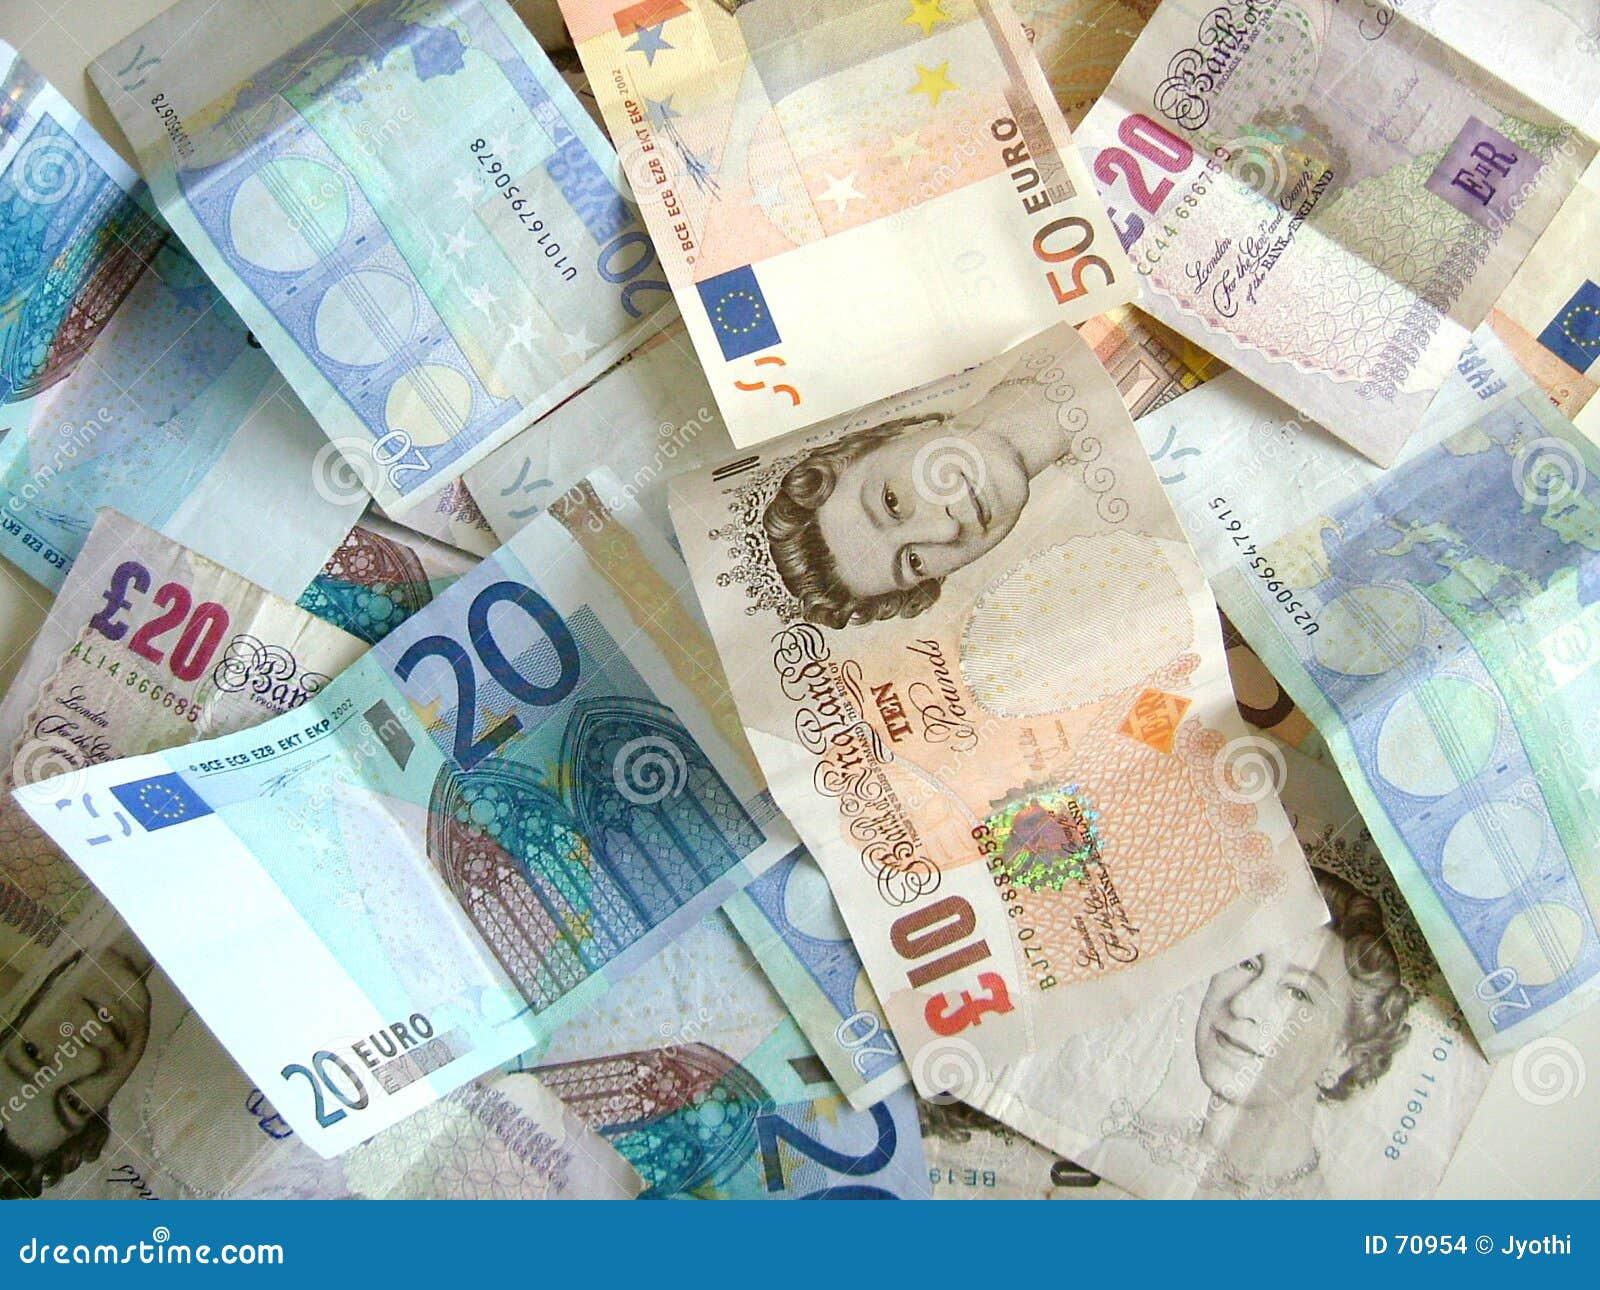 Mixture of money